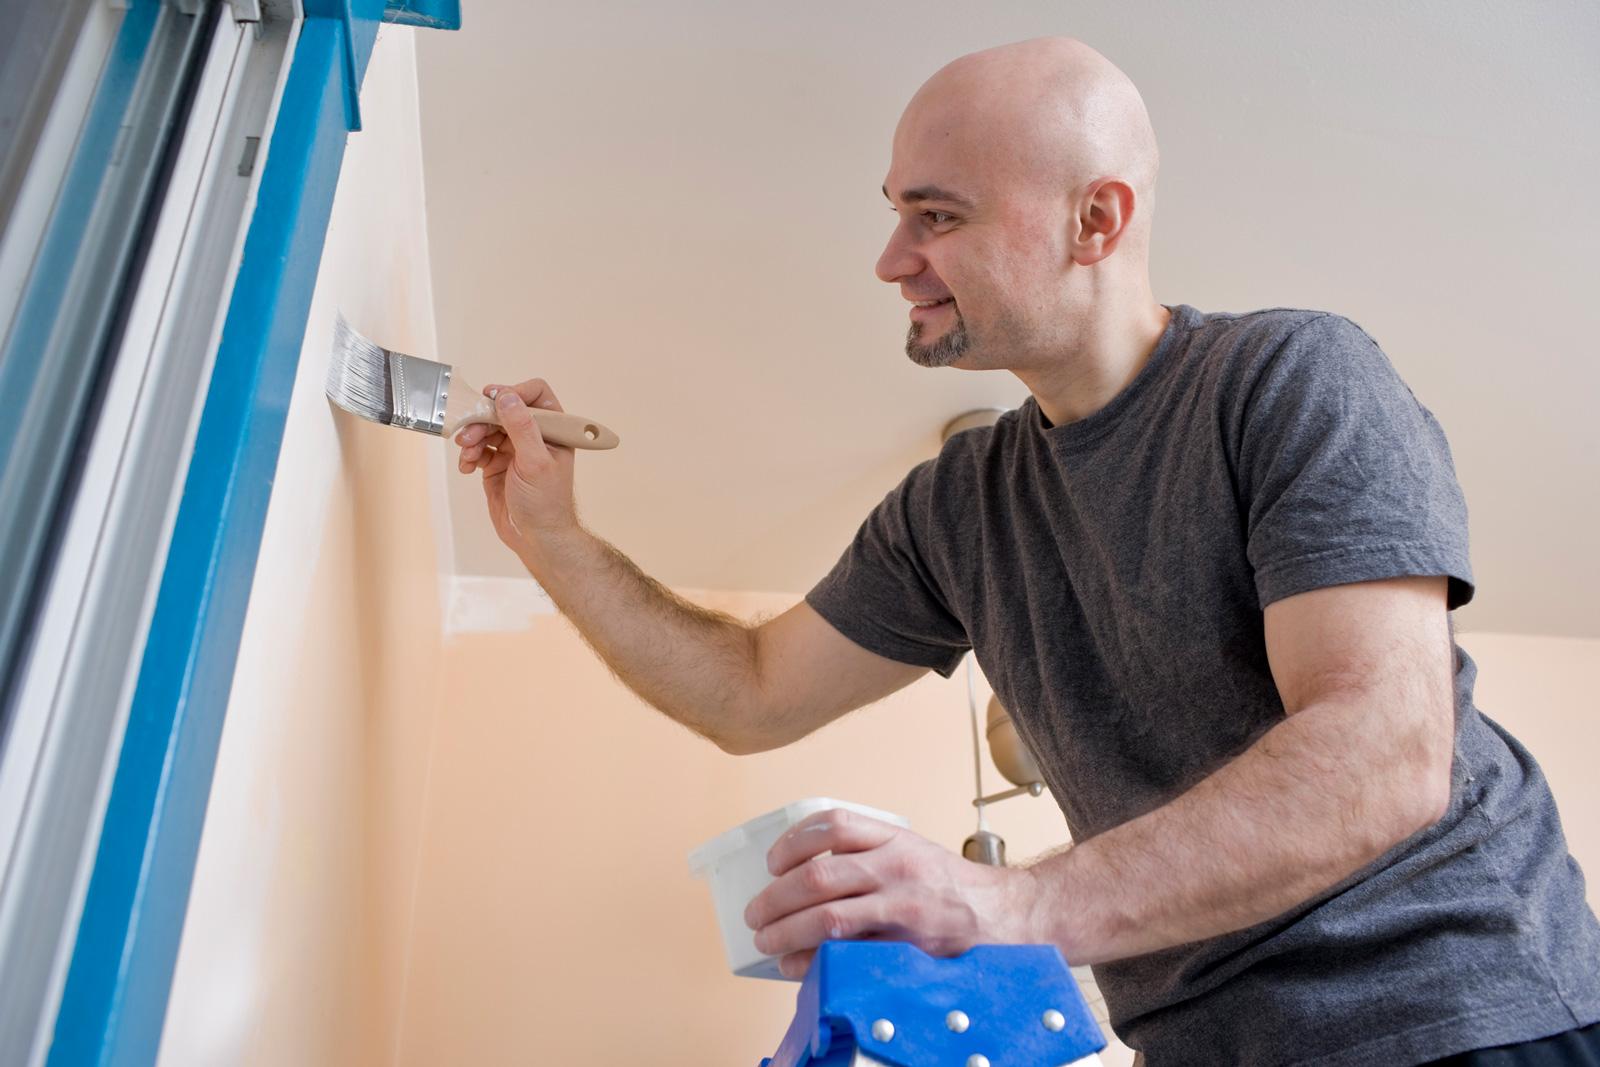 Pinsel für die Feinarbeit: Gerade in Ecken und an Rändern empfiehlt es sich zum Pinsel statt zur Rolle zu greifen.